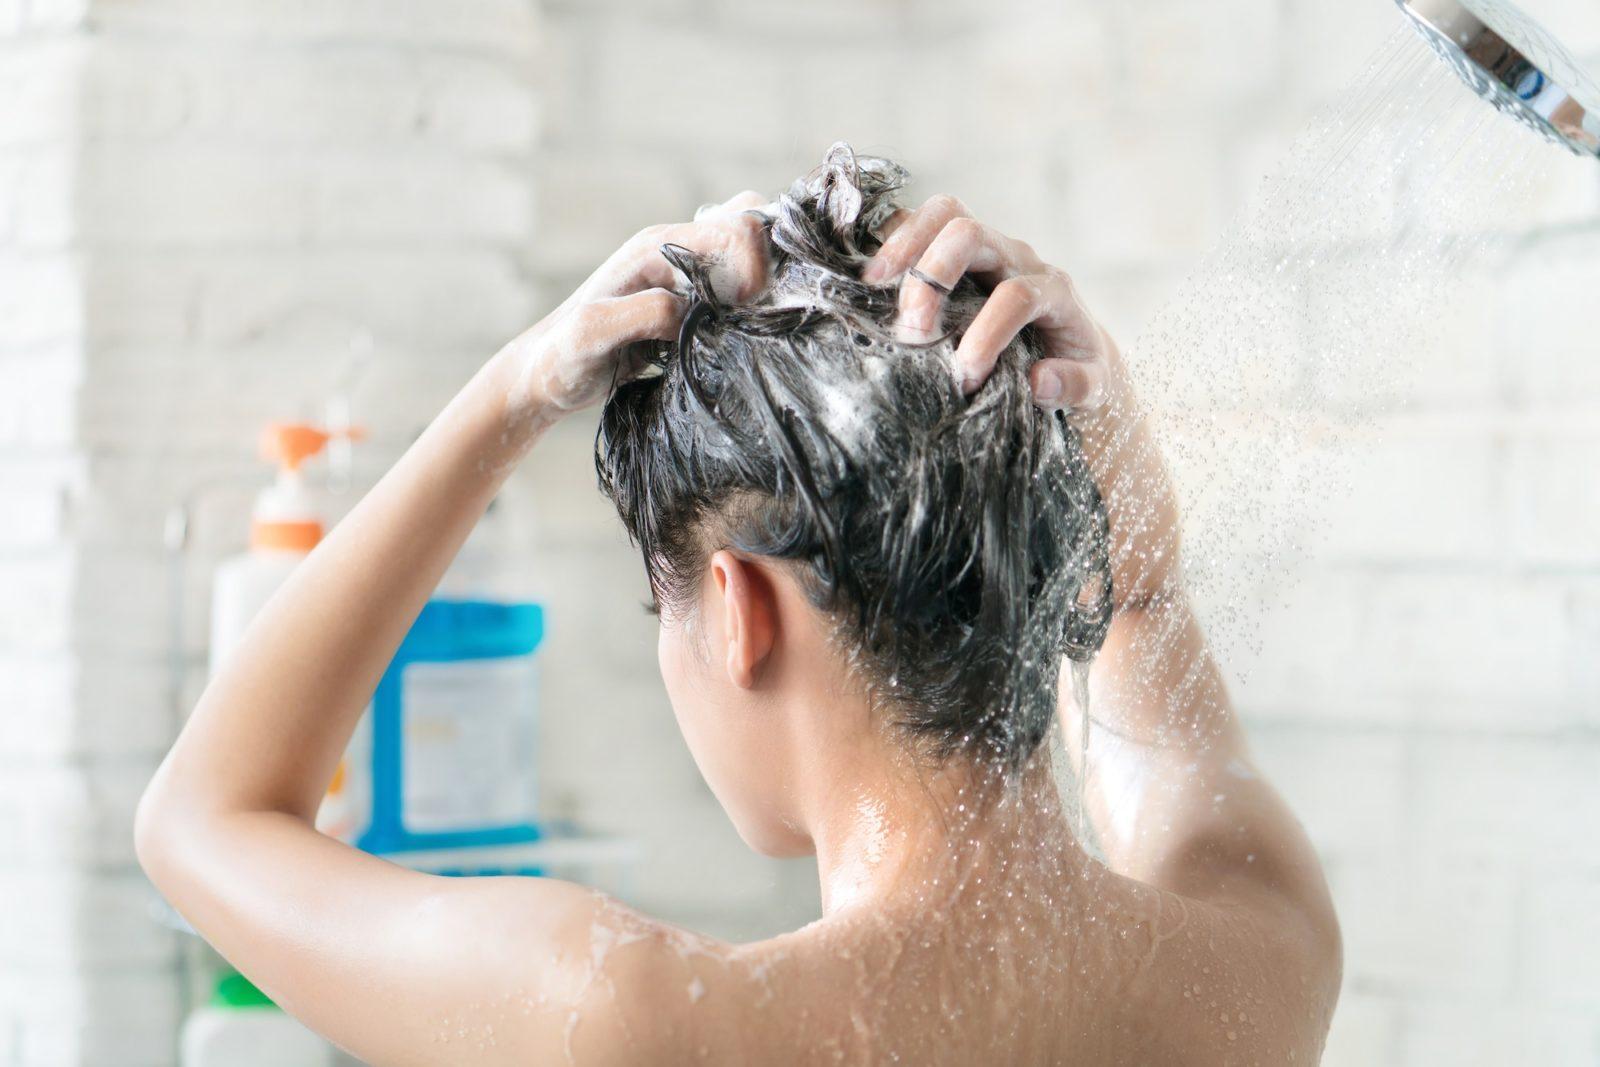 Органический шампунь для волос и его польза